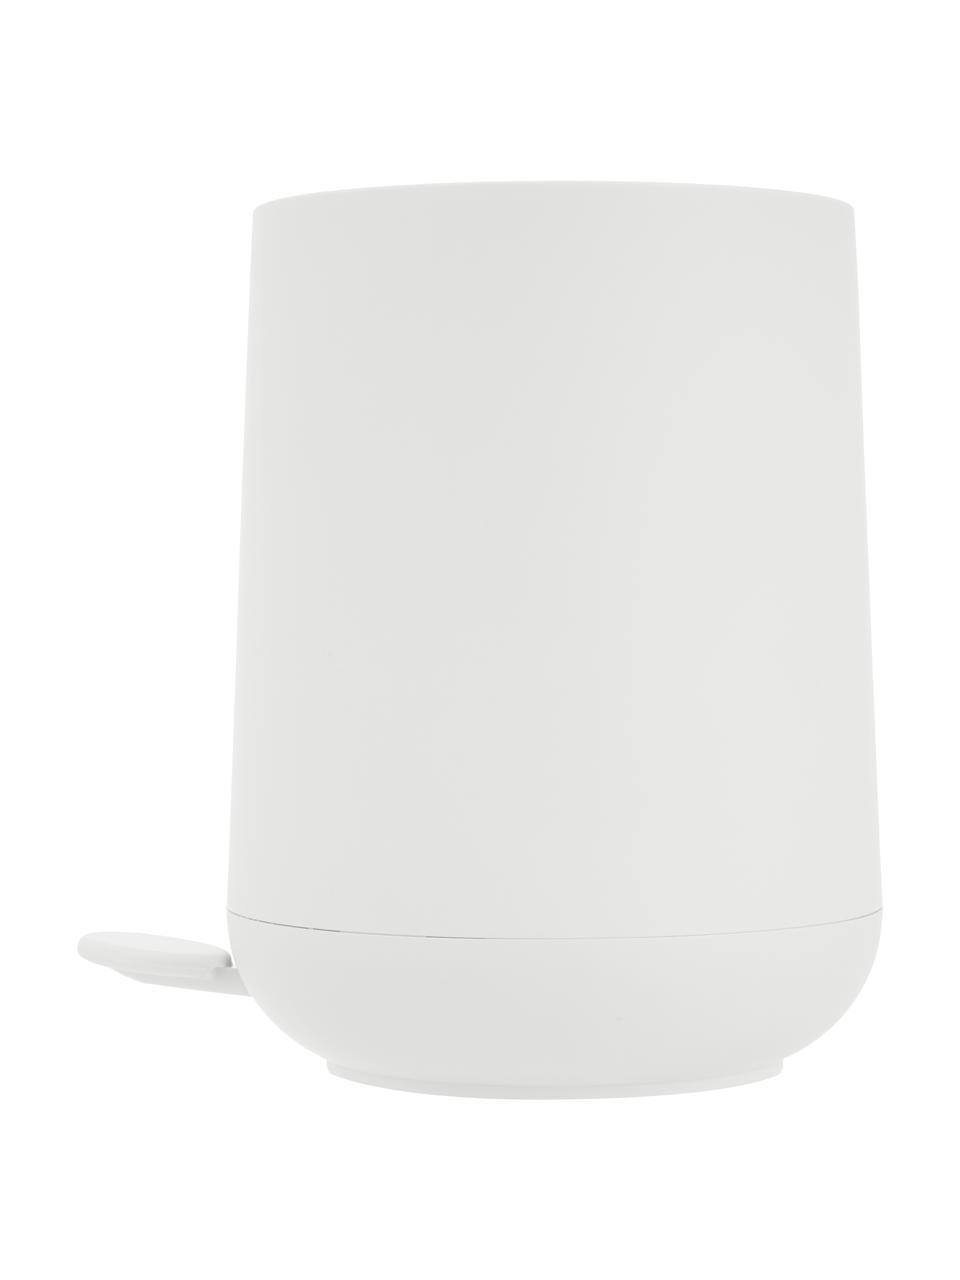 Kosz na śmieci Nova, Tworzywo sztuczne, Biały, Ø 23 x 29 cm